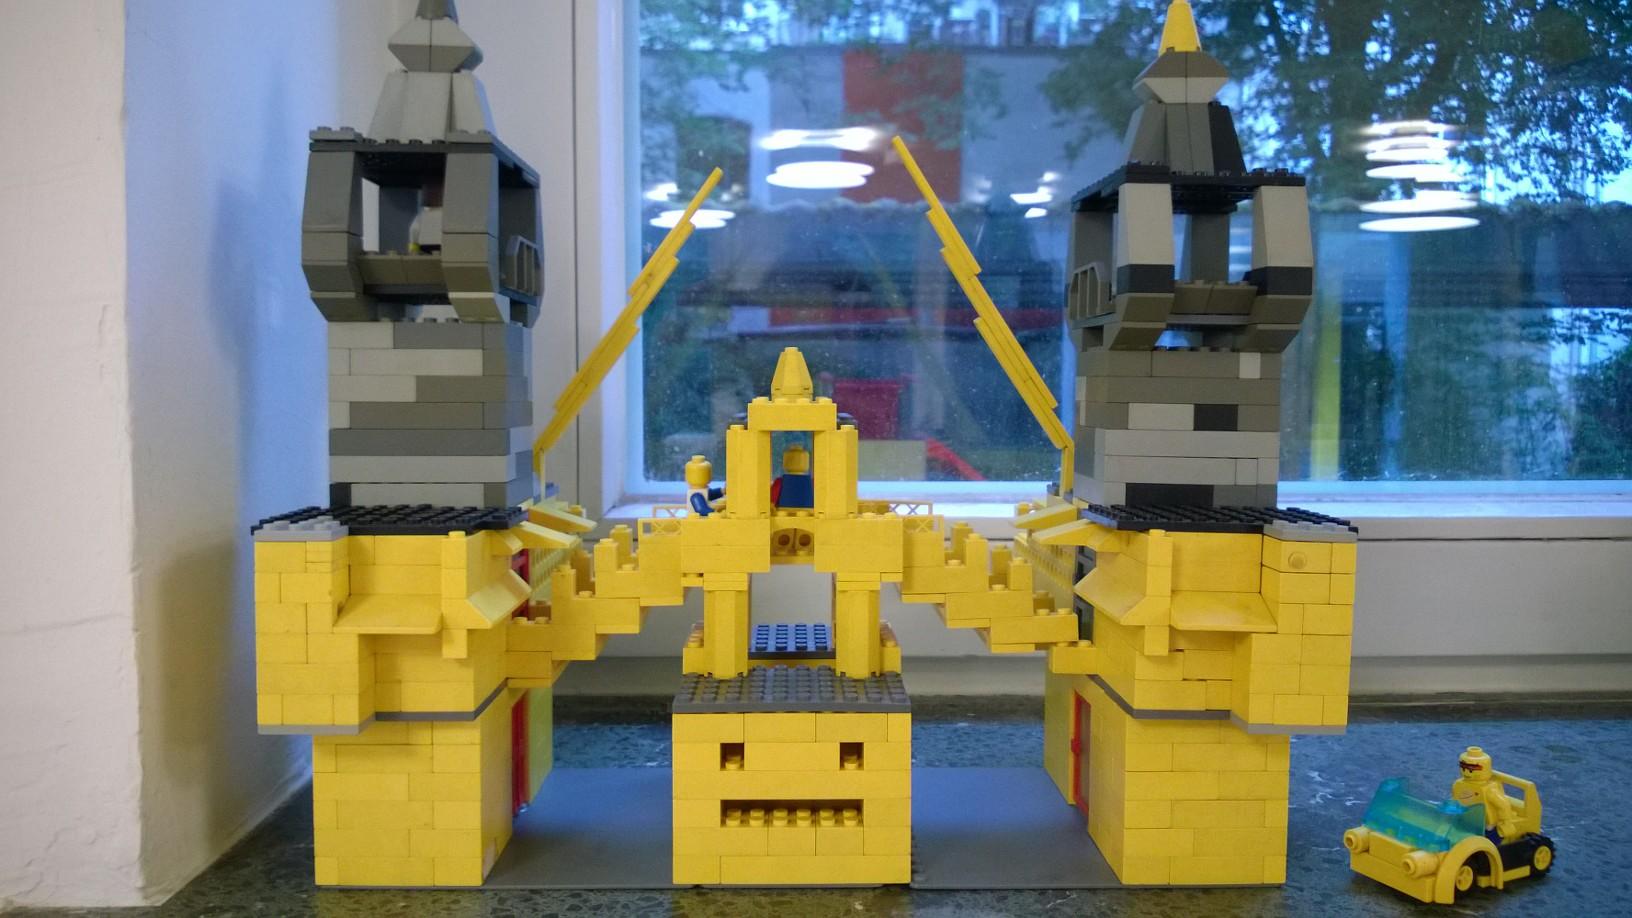 Lego-Architektur 3